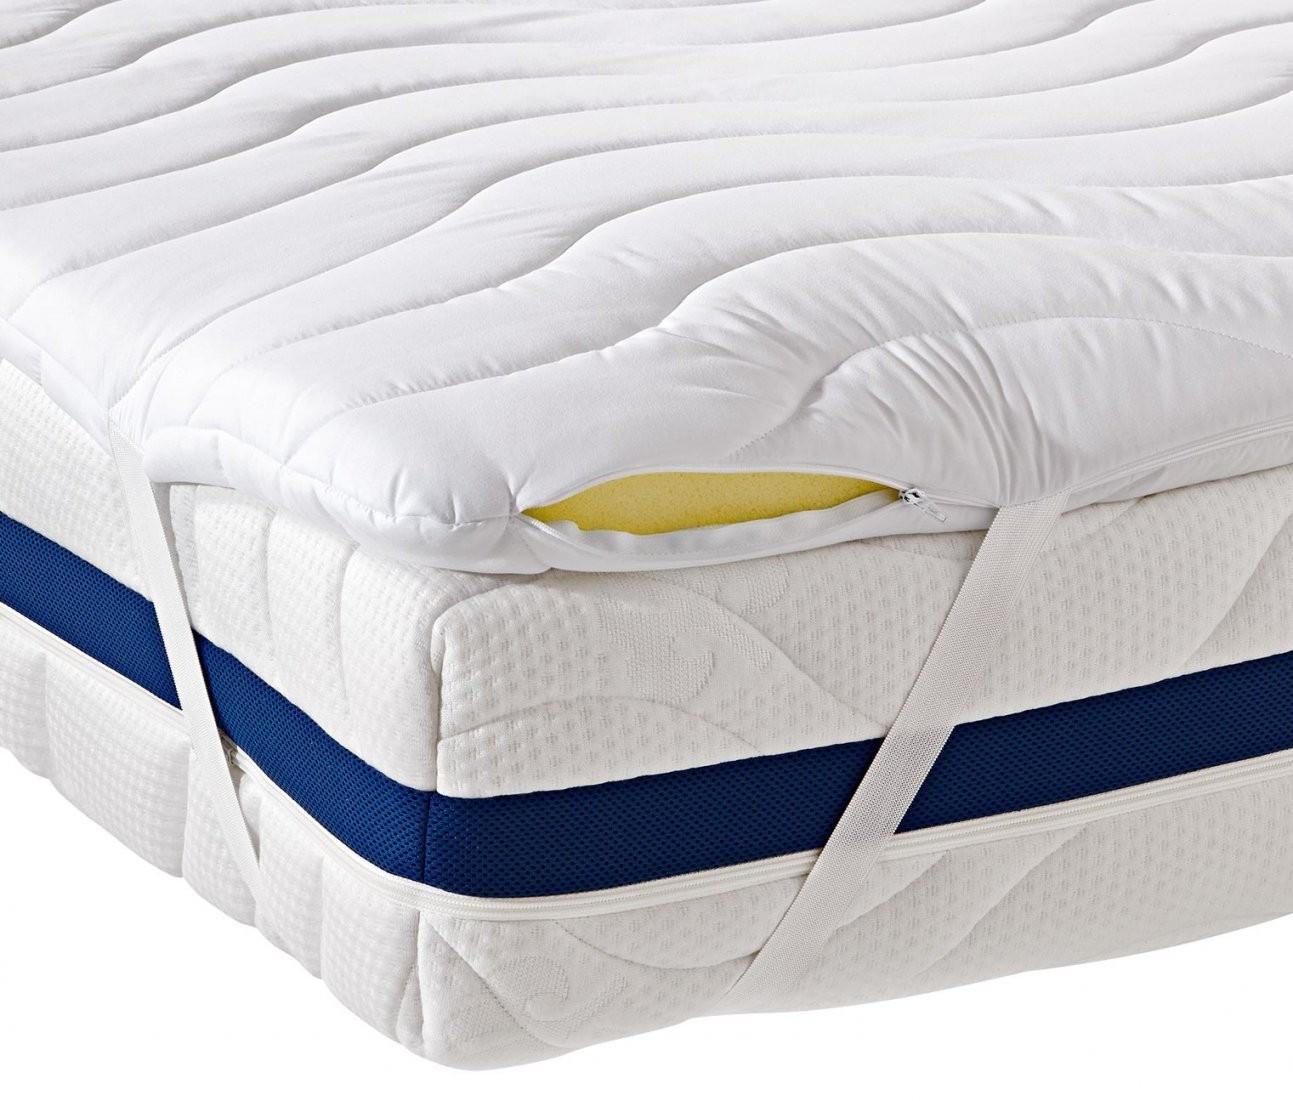 Irisette® Matratzentopper Online Bestellen Bei Tchibo 331907 von Matratzen Topper Rückenschmerzen Photo